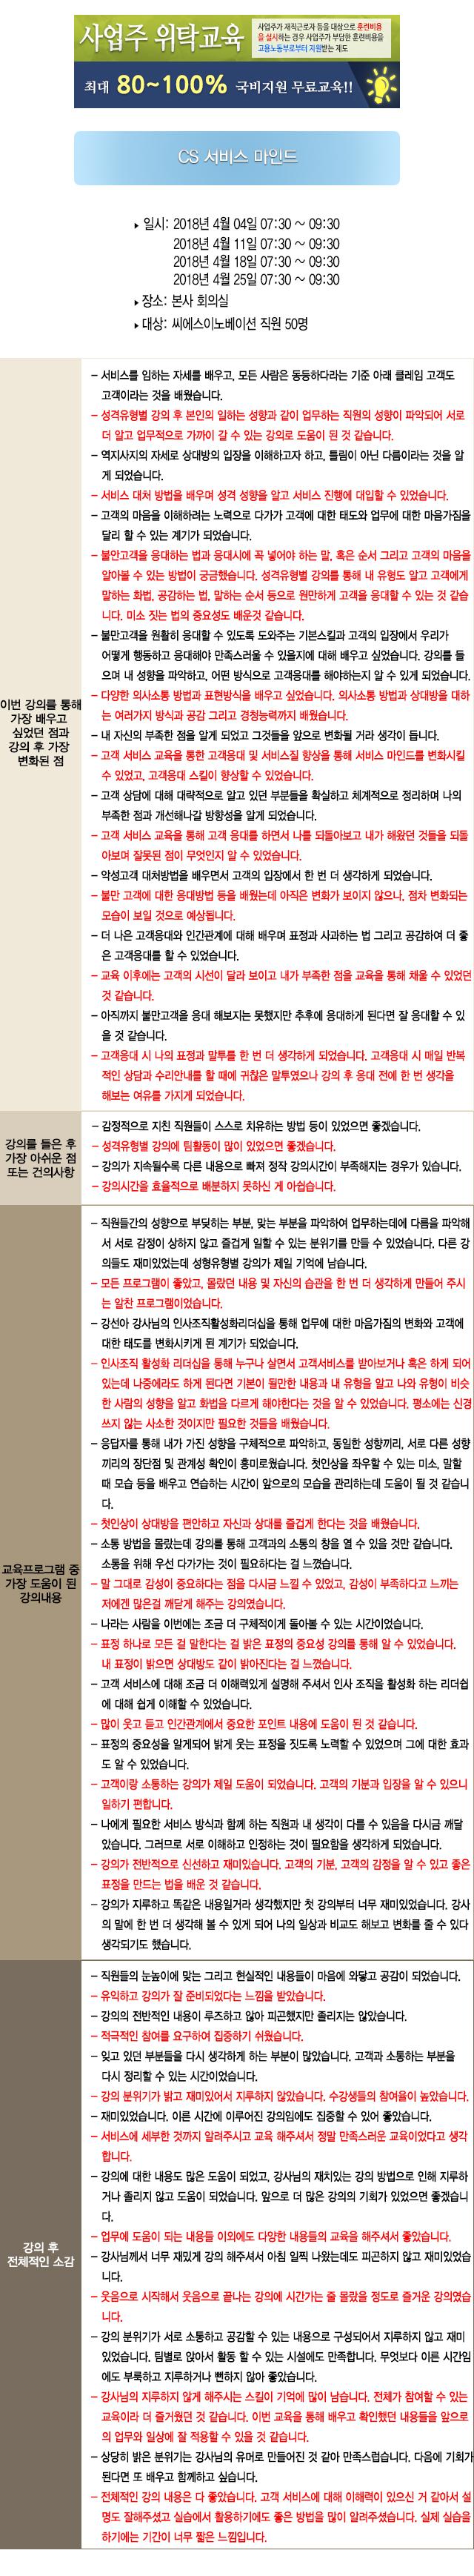 한국중앙인재개발원 후기 씨에스이노베이션.jpg